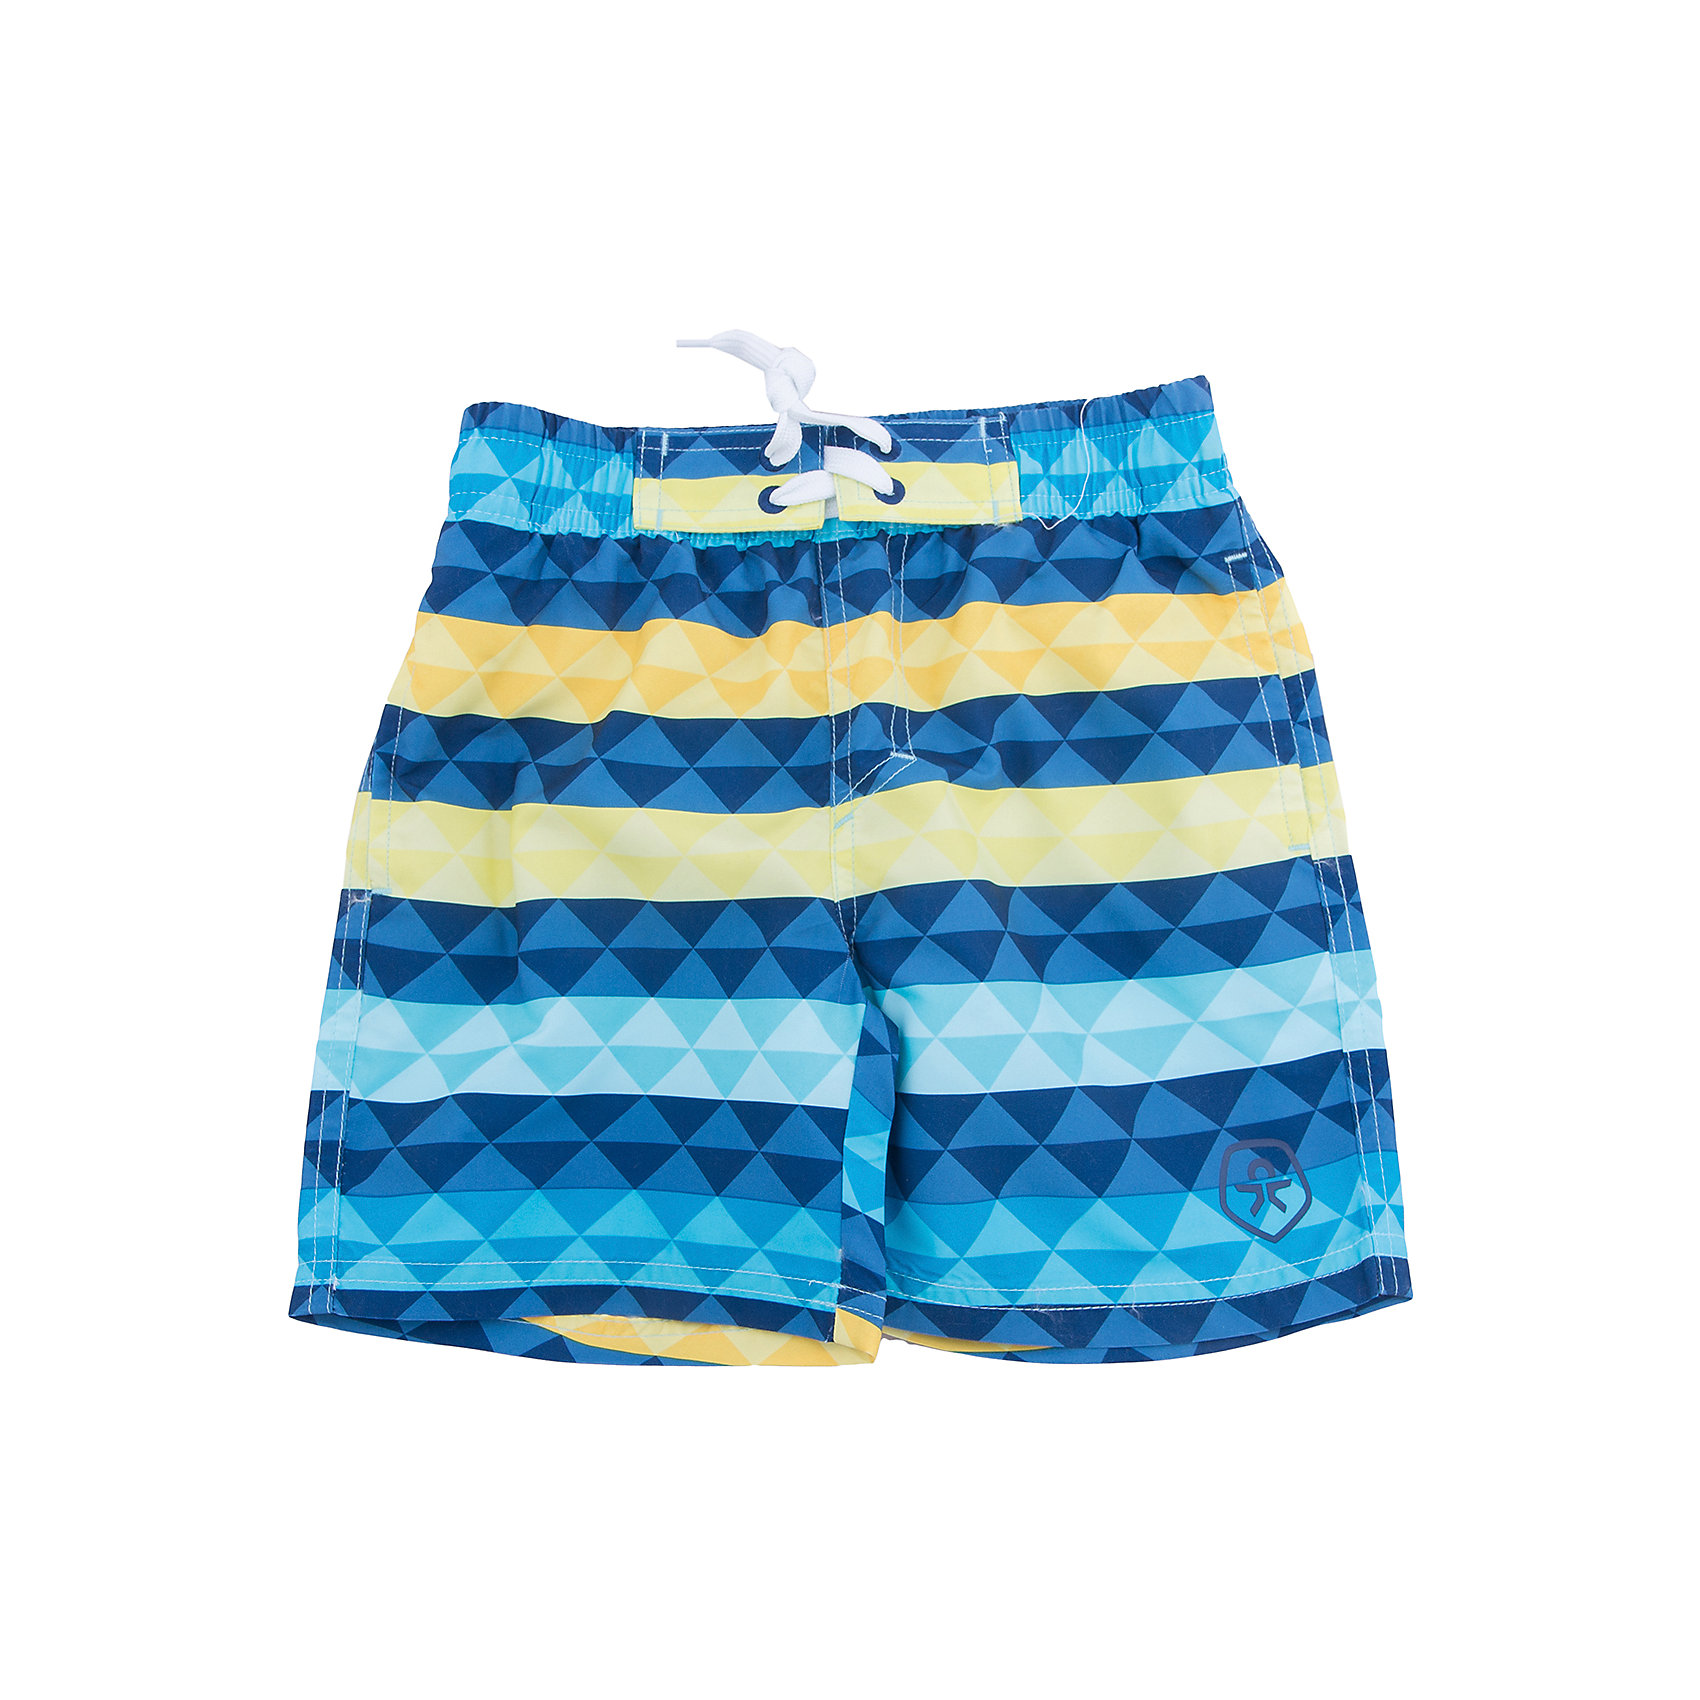 Плавки-шорты Color KidsКупальники и плавки<br>Характеристики товара:<br><br>• состав: 100 % полиэстер, микро-волокно<br>• пояс: резинка <br>• быстросохнущий материал<br>• логотип<br>• комфортная посадка<br>• страна бренда: Дания<br>• страна изготовитель: Китай<br><br>Одежда для пляжного отдыха может быть и стильной, и удобной! Эти шорты сделаны из легкого материала, который быстро сохнет, поэтому в них можно купаться.<br><br>Шорты от датского бренда Color Kids (Колор кидз) можно купить в нашем интернет-магазине.<br><br>Ширина мм: 183<br>Глубина мм: 60<br>Высота мм: 135<br>Вес г: 119<br>Цвет: голубой<br>Возраст от месяцев: 132<br>Возраст до месяцев: 144<br>Пол: Мужской<br>Возраст: Детский<br>Размер: 152,104,116,128,140<br>SKU: 5442877